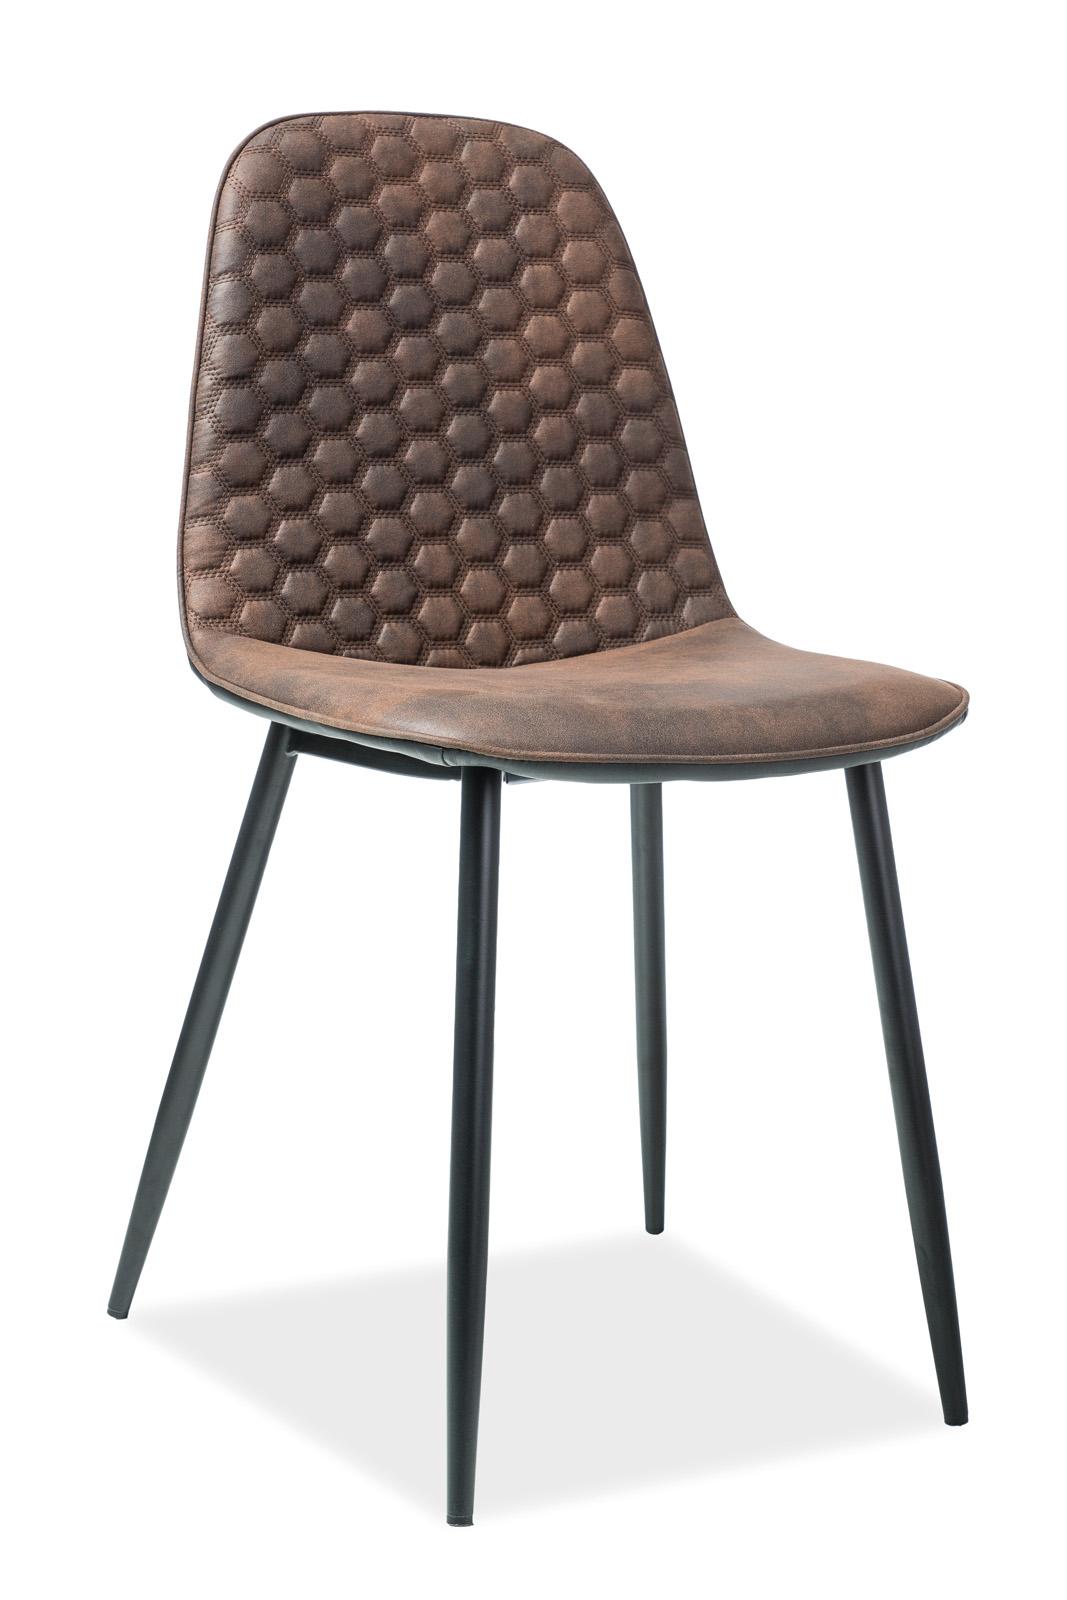 Scaun tapitat cu piele ecologica, cu picioare metalice Teo D Brown / Black, l46xA38xH88 cm